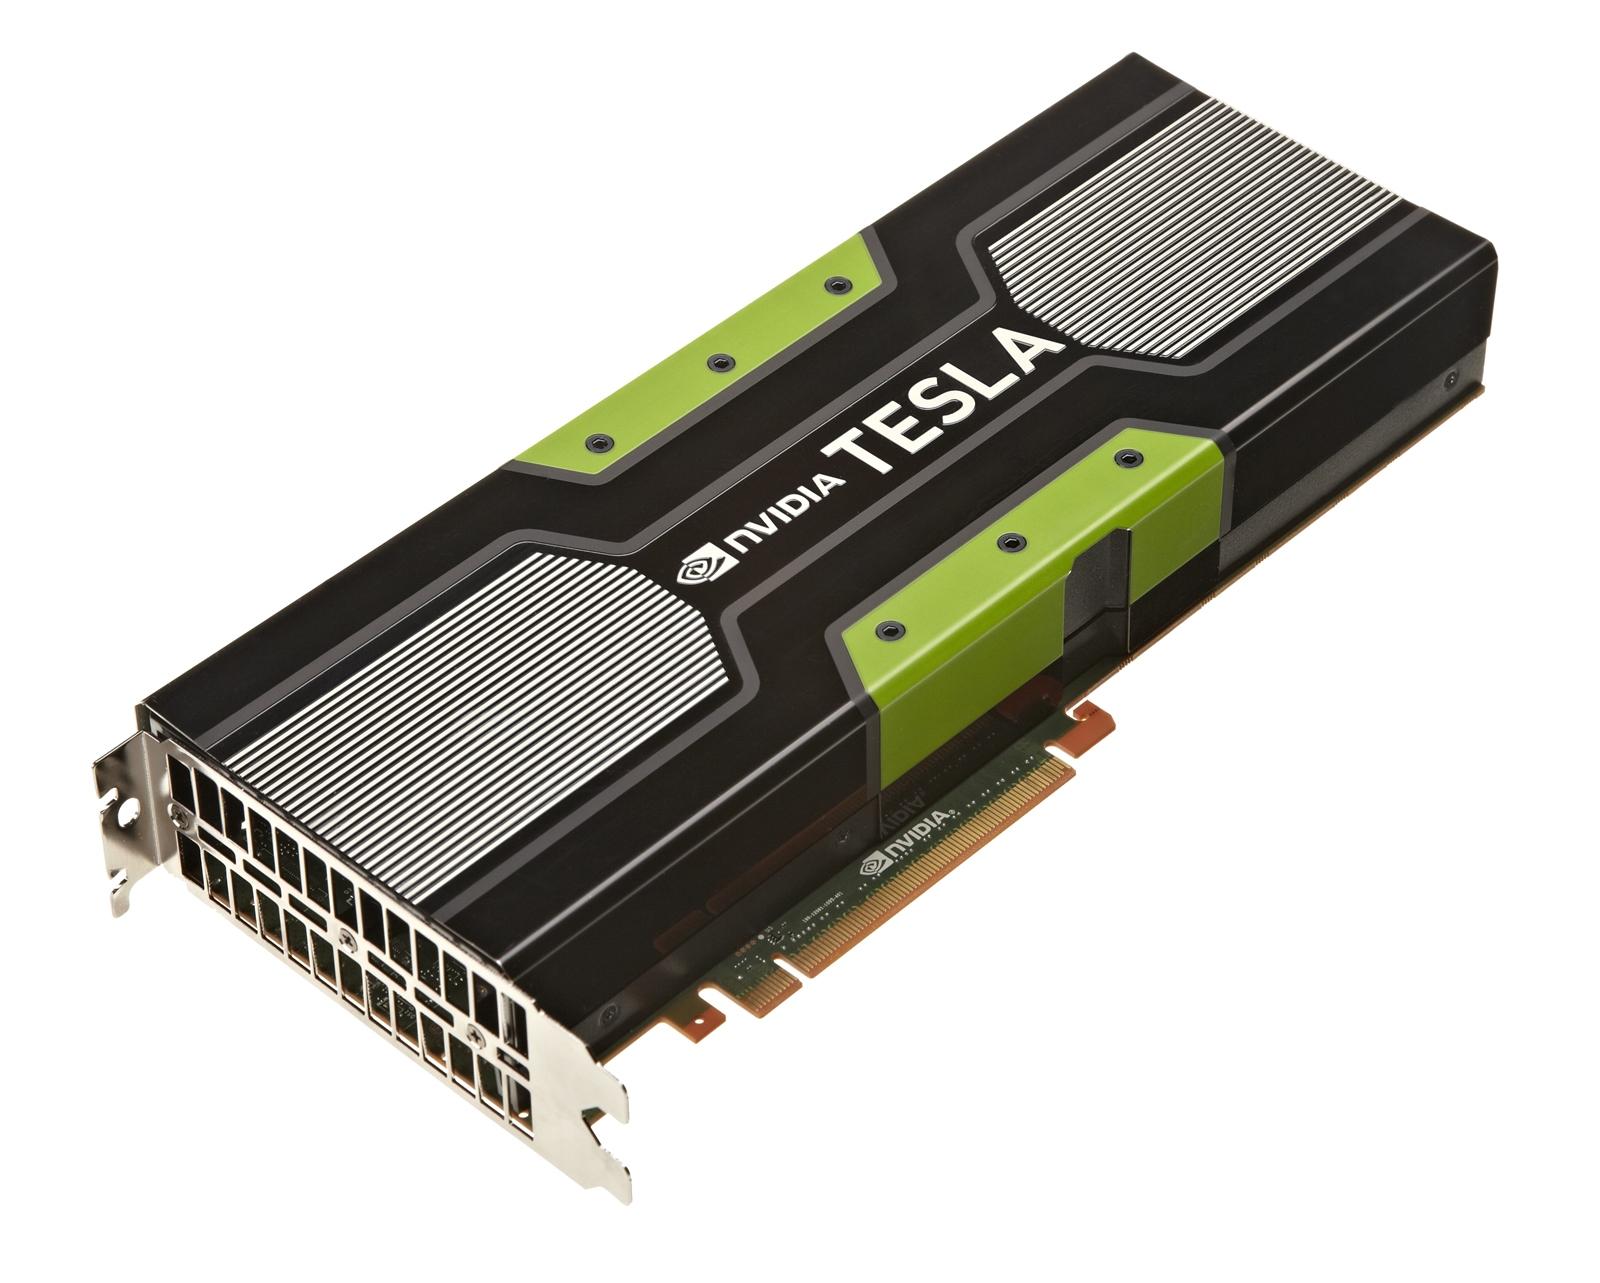 NVIDIA GPUアクセラレータ、HIV研究のブレークスルーを実現